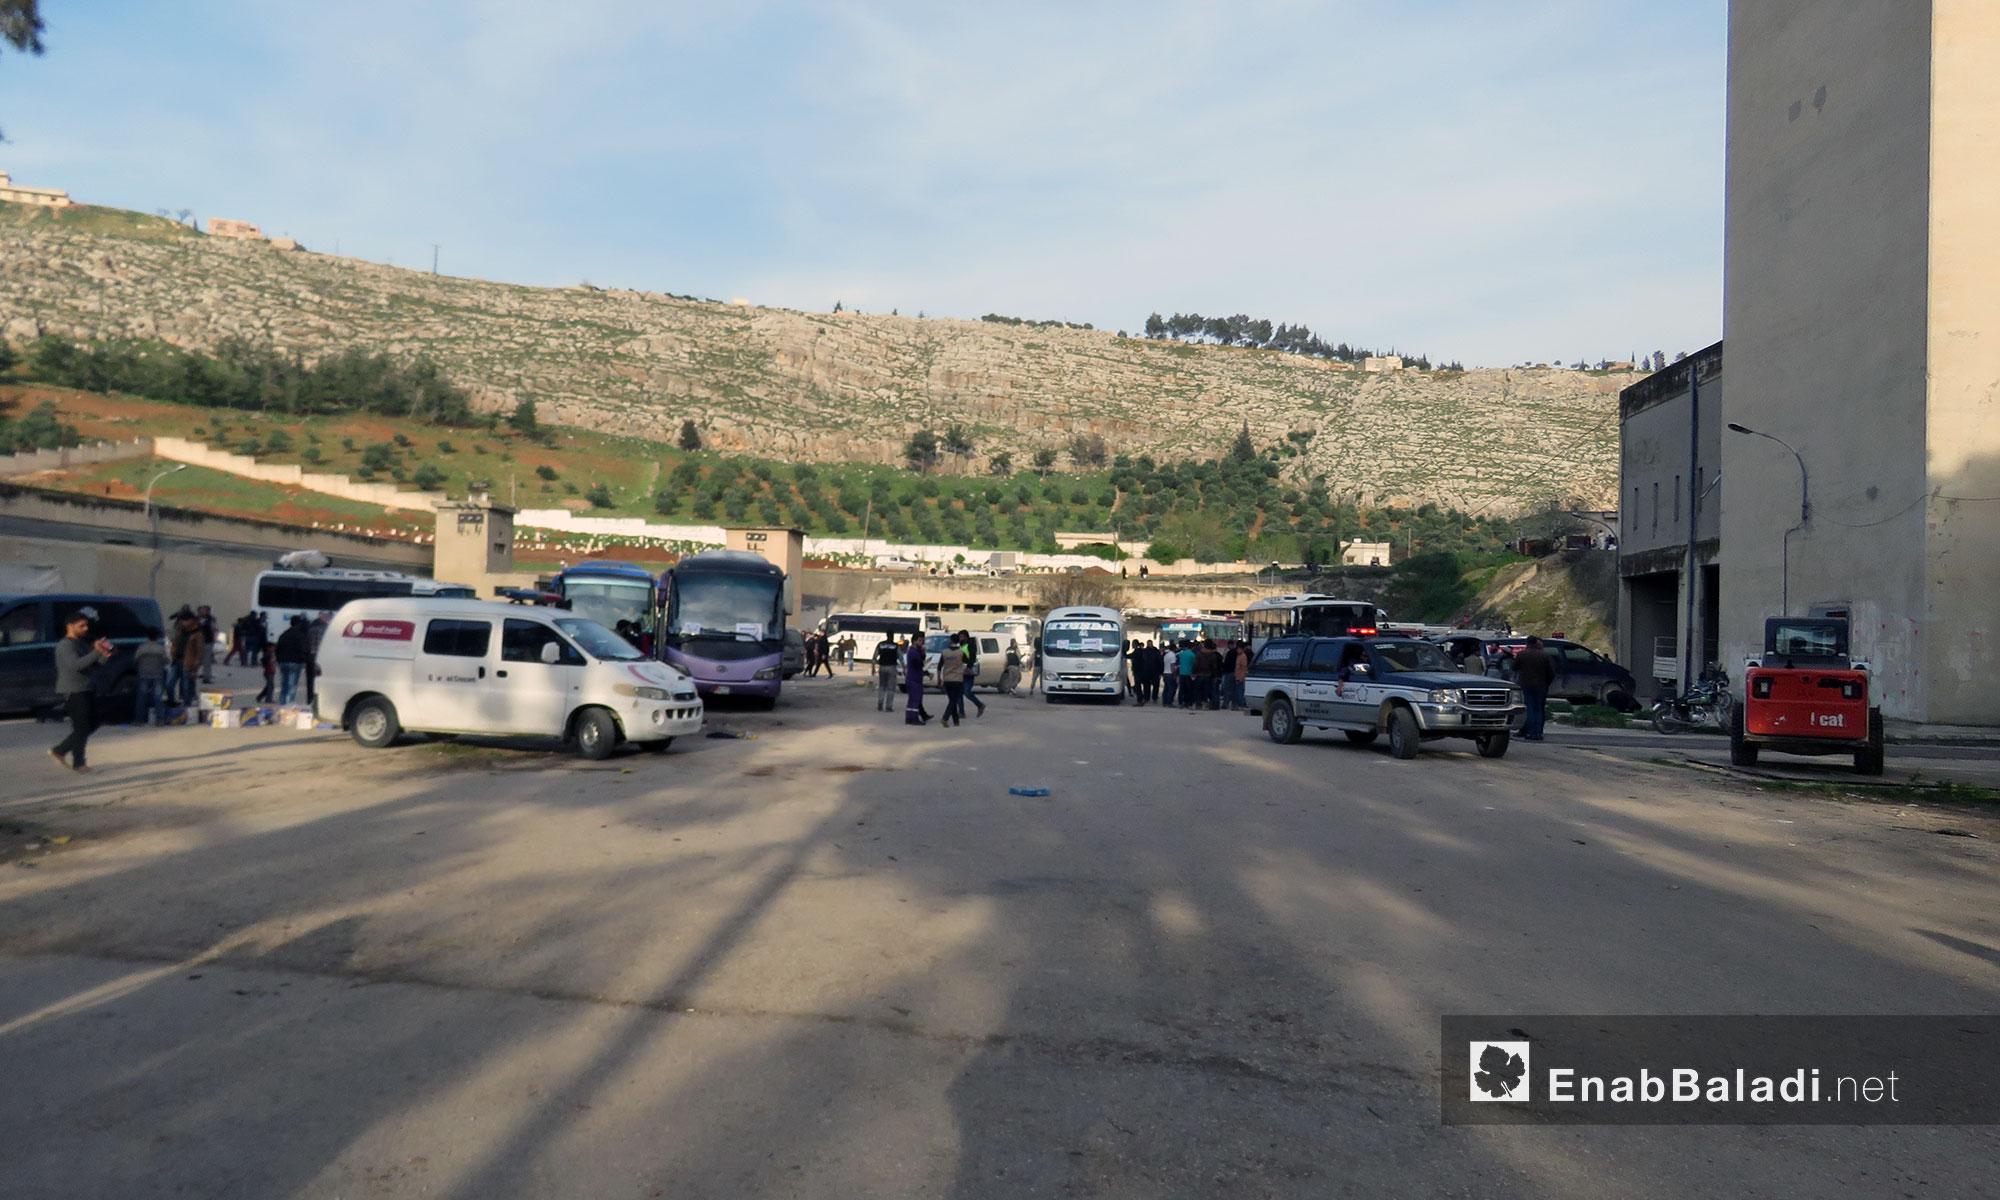 وصول باصات أهالي حي القدم لقلعة المضيق بريف حماة - 13 آذار 2018 (عنب بلدي)